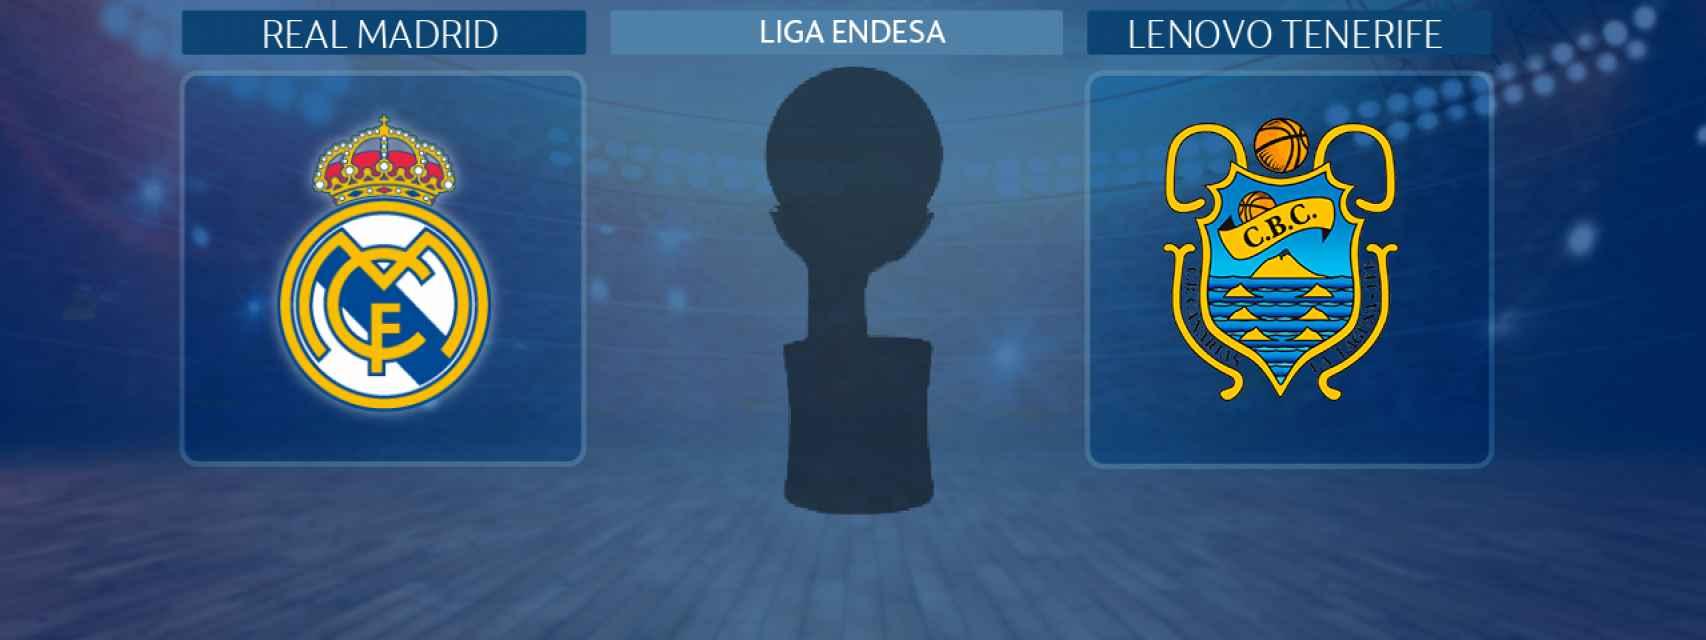 Real Madrid - Lenovo Tenerife, partido de la Liga Endesa